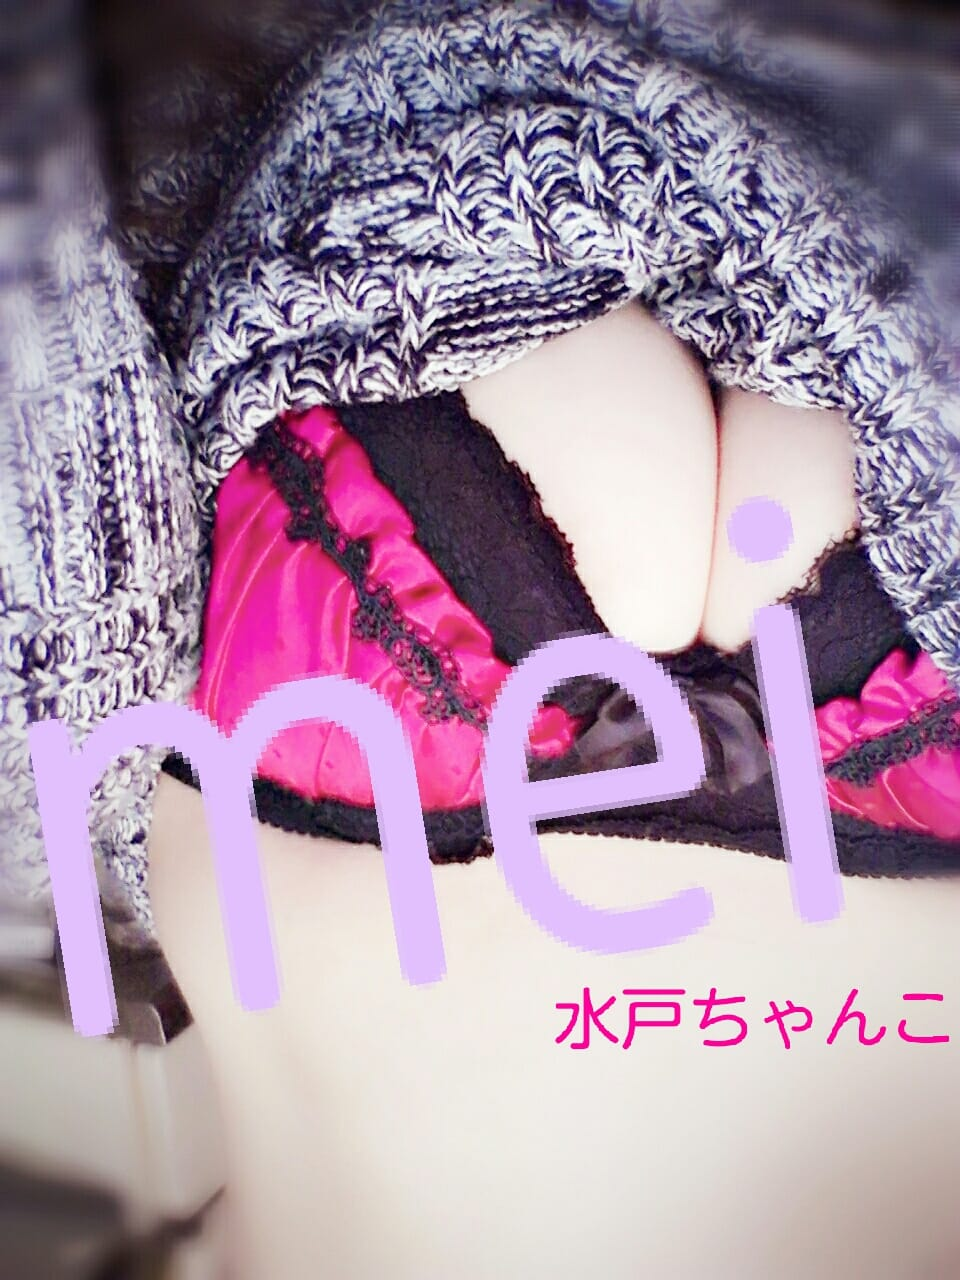 「おっはよー( *´`)ノ(´˘`*)♡ヨシヨシ♡」02/14(02/14) 11:47 | めいの写メ・風俗動画